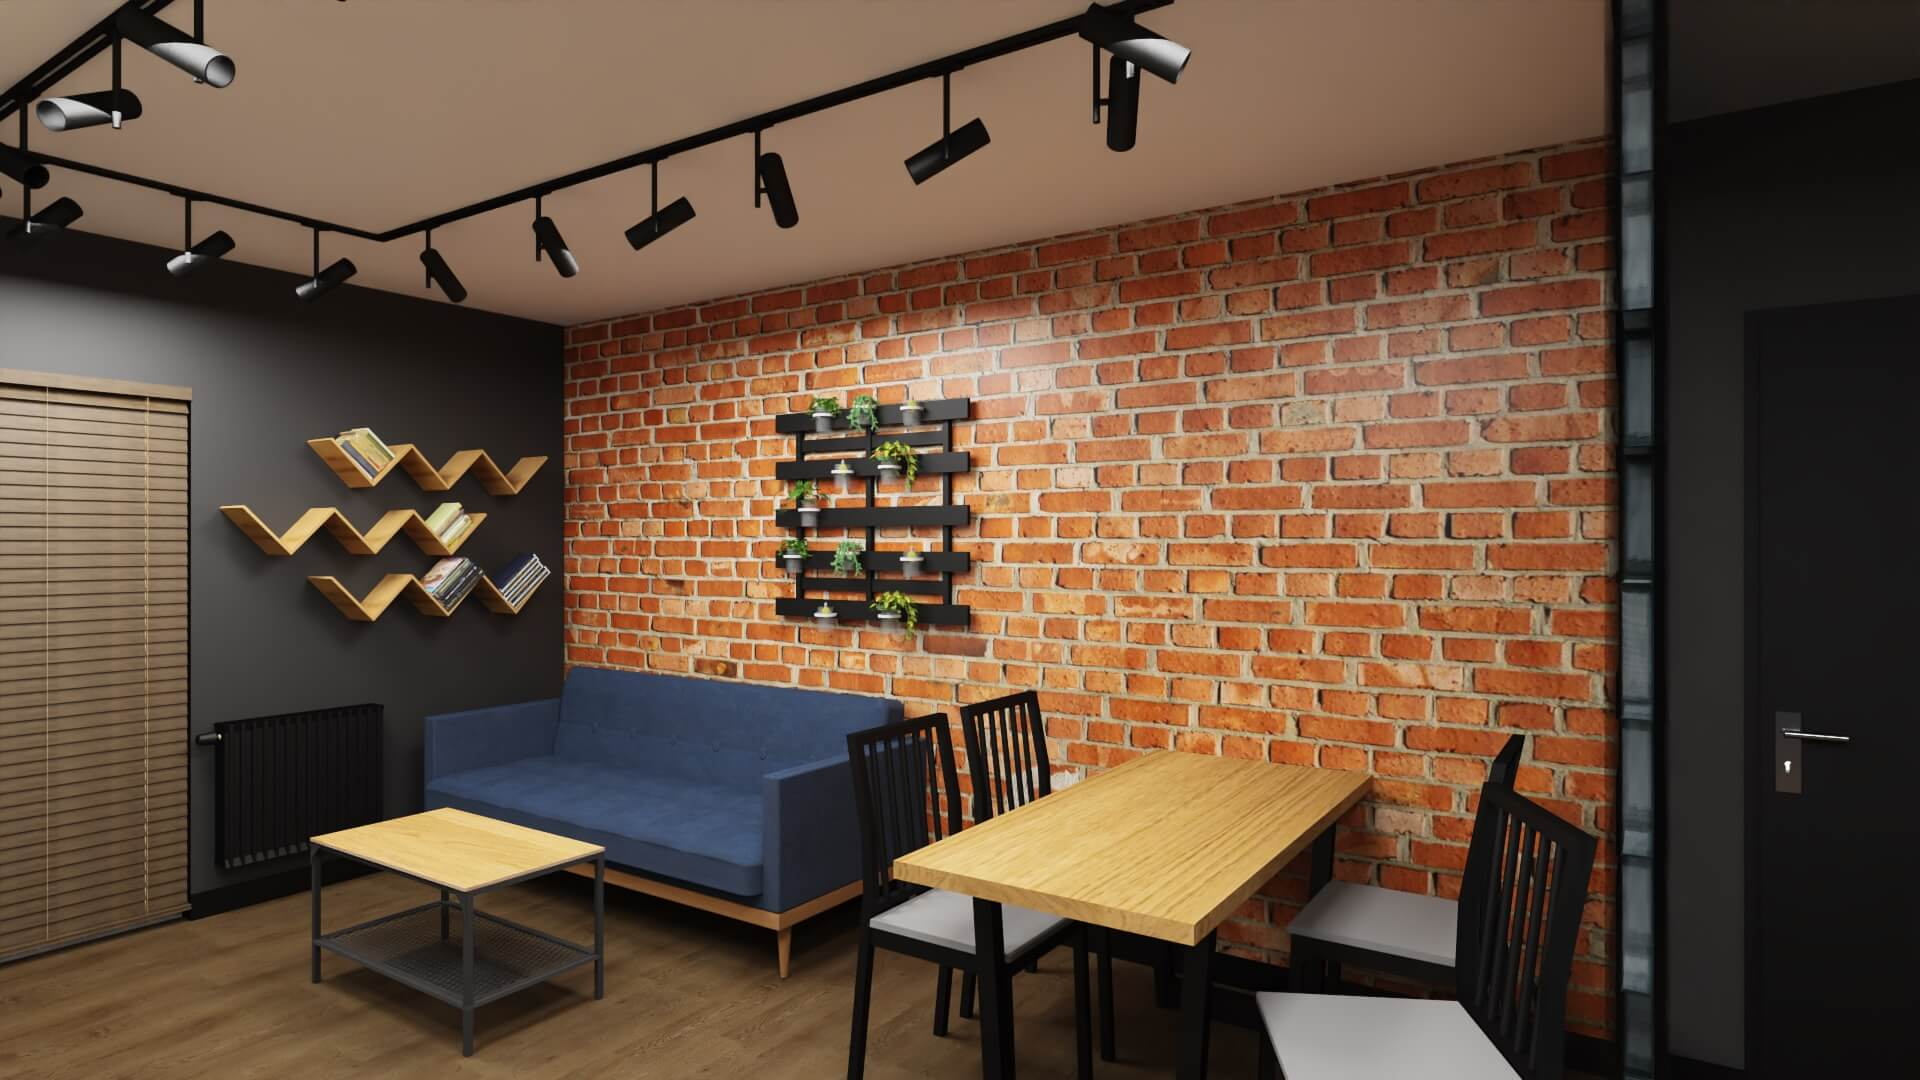 męskie mieszkanie - projekt salonu: granatowa kanapa i cegła na ścianie